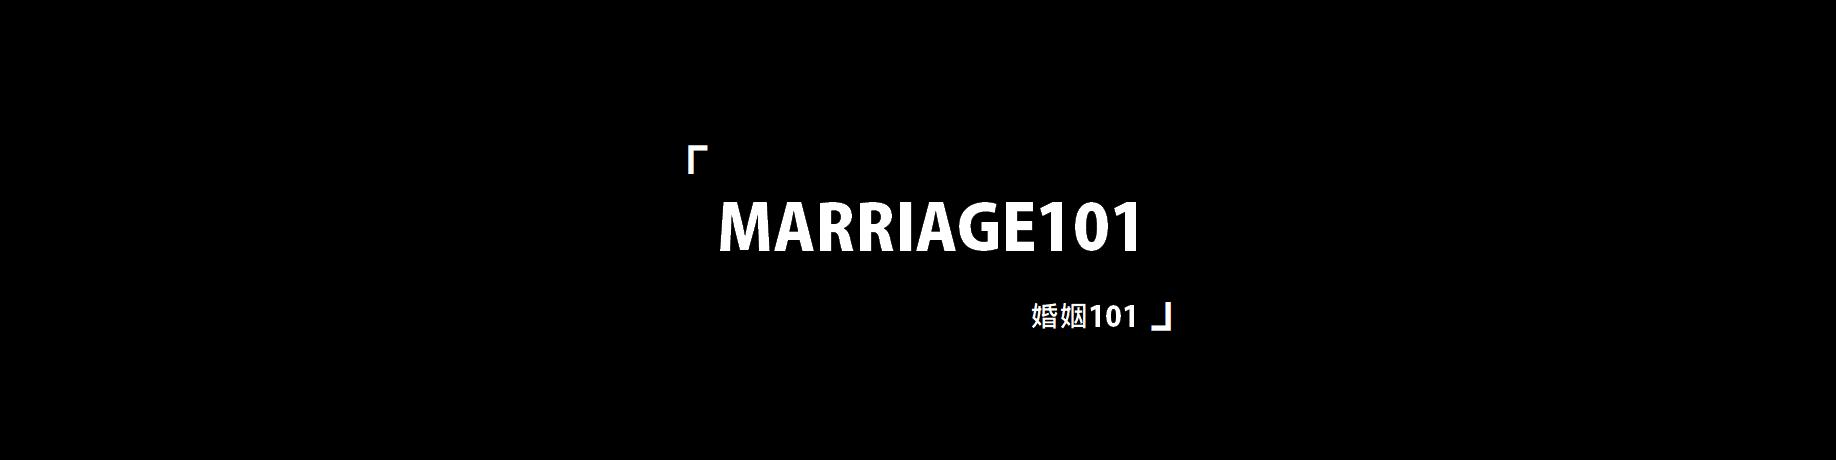 【黃國倫牧師】婚姻101:5堂課教你如何享受婚姻(信仰篇)